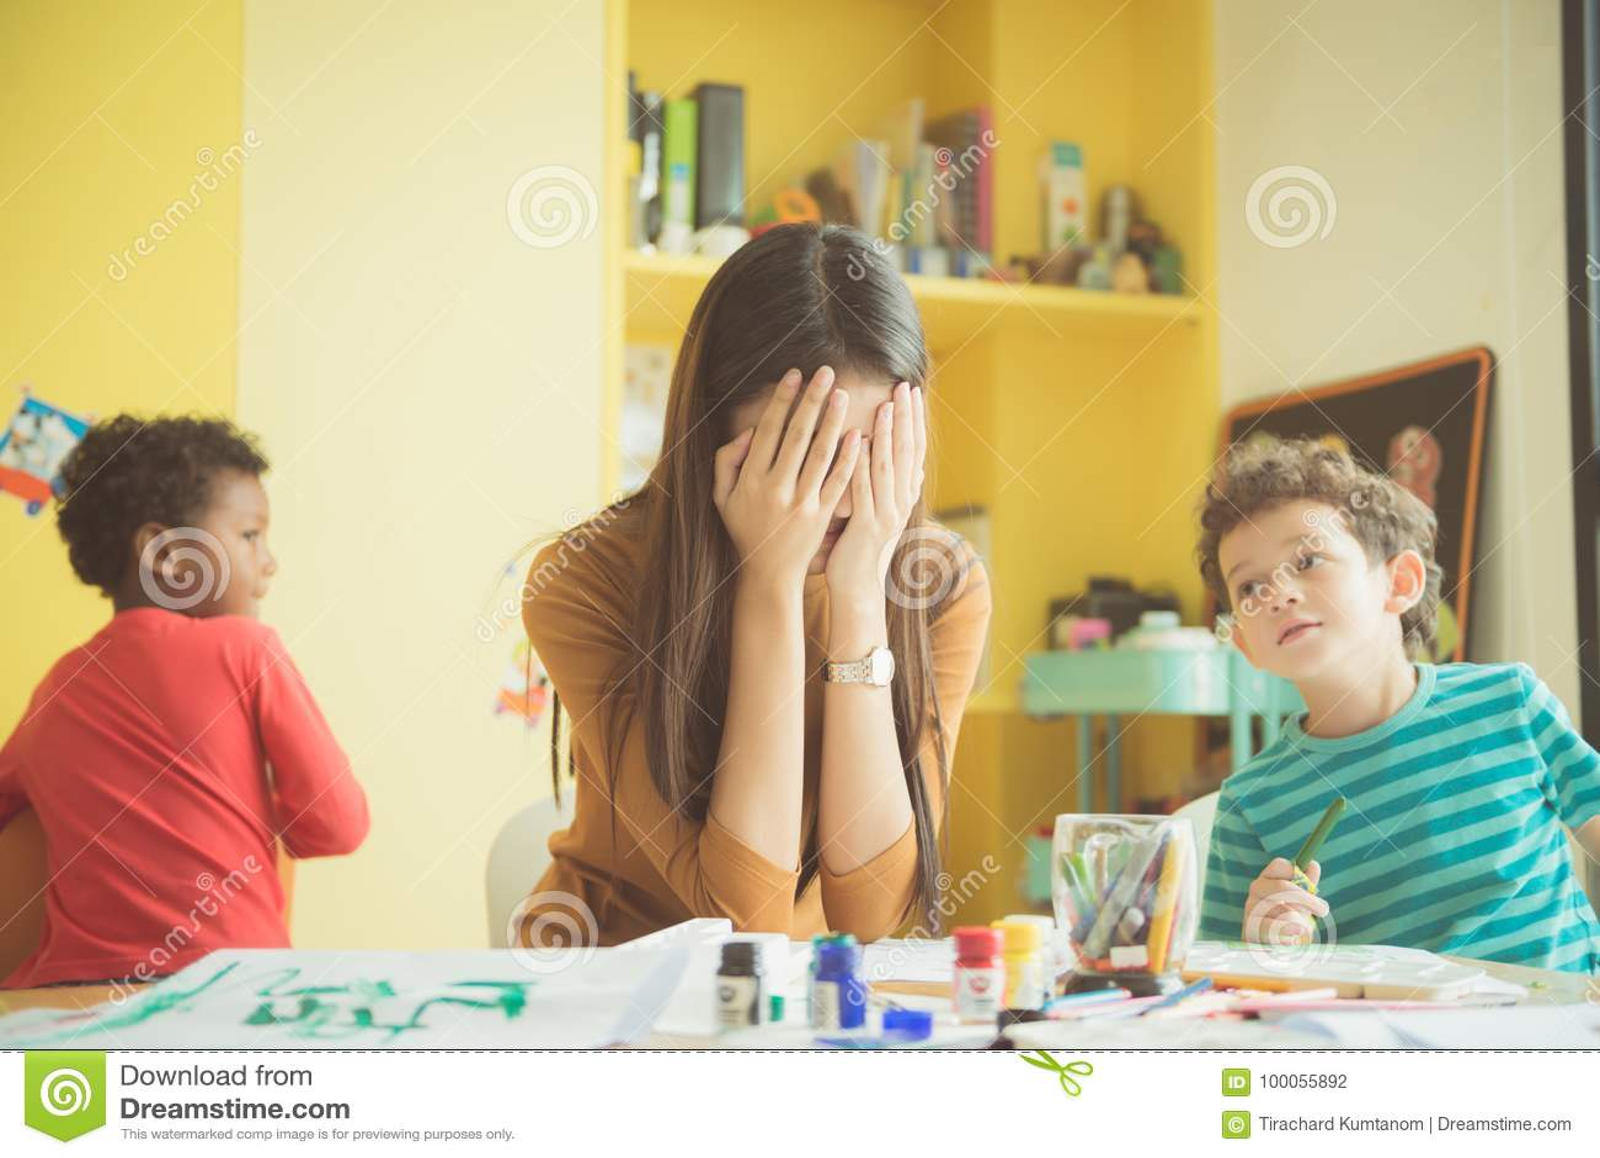 亚洲老师幼儿园手在翻倒关闭两个耳朵她不合格平息被引述的淘气